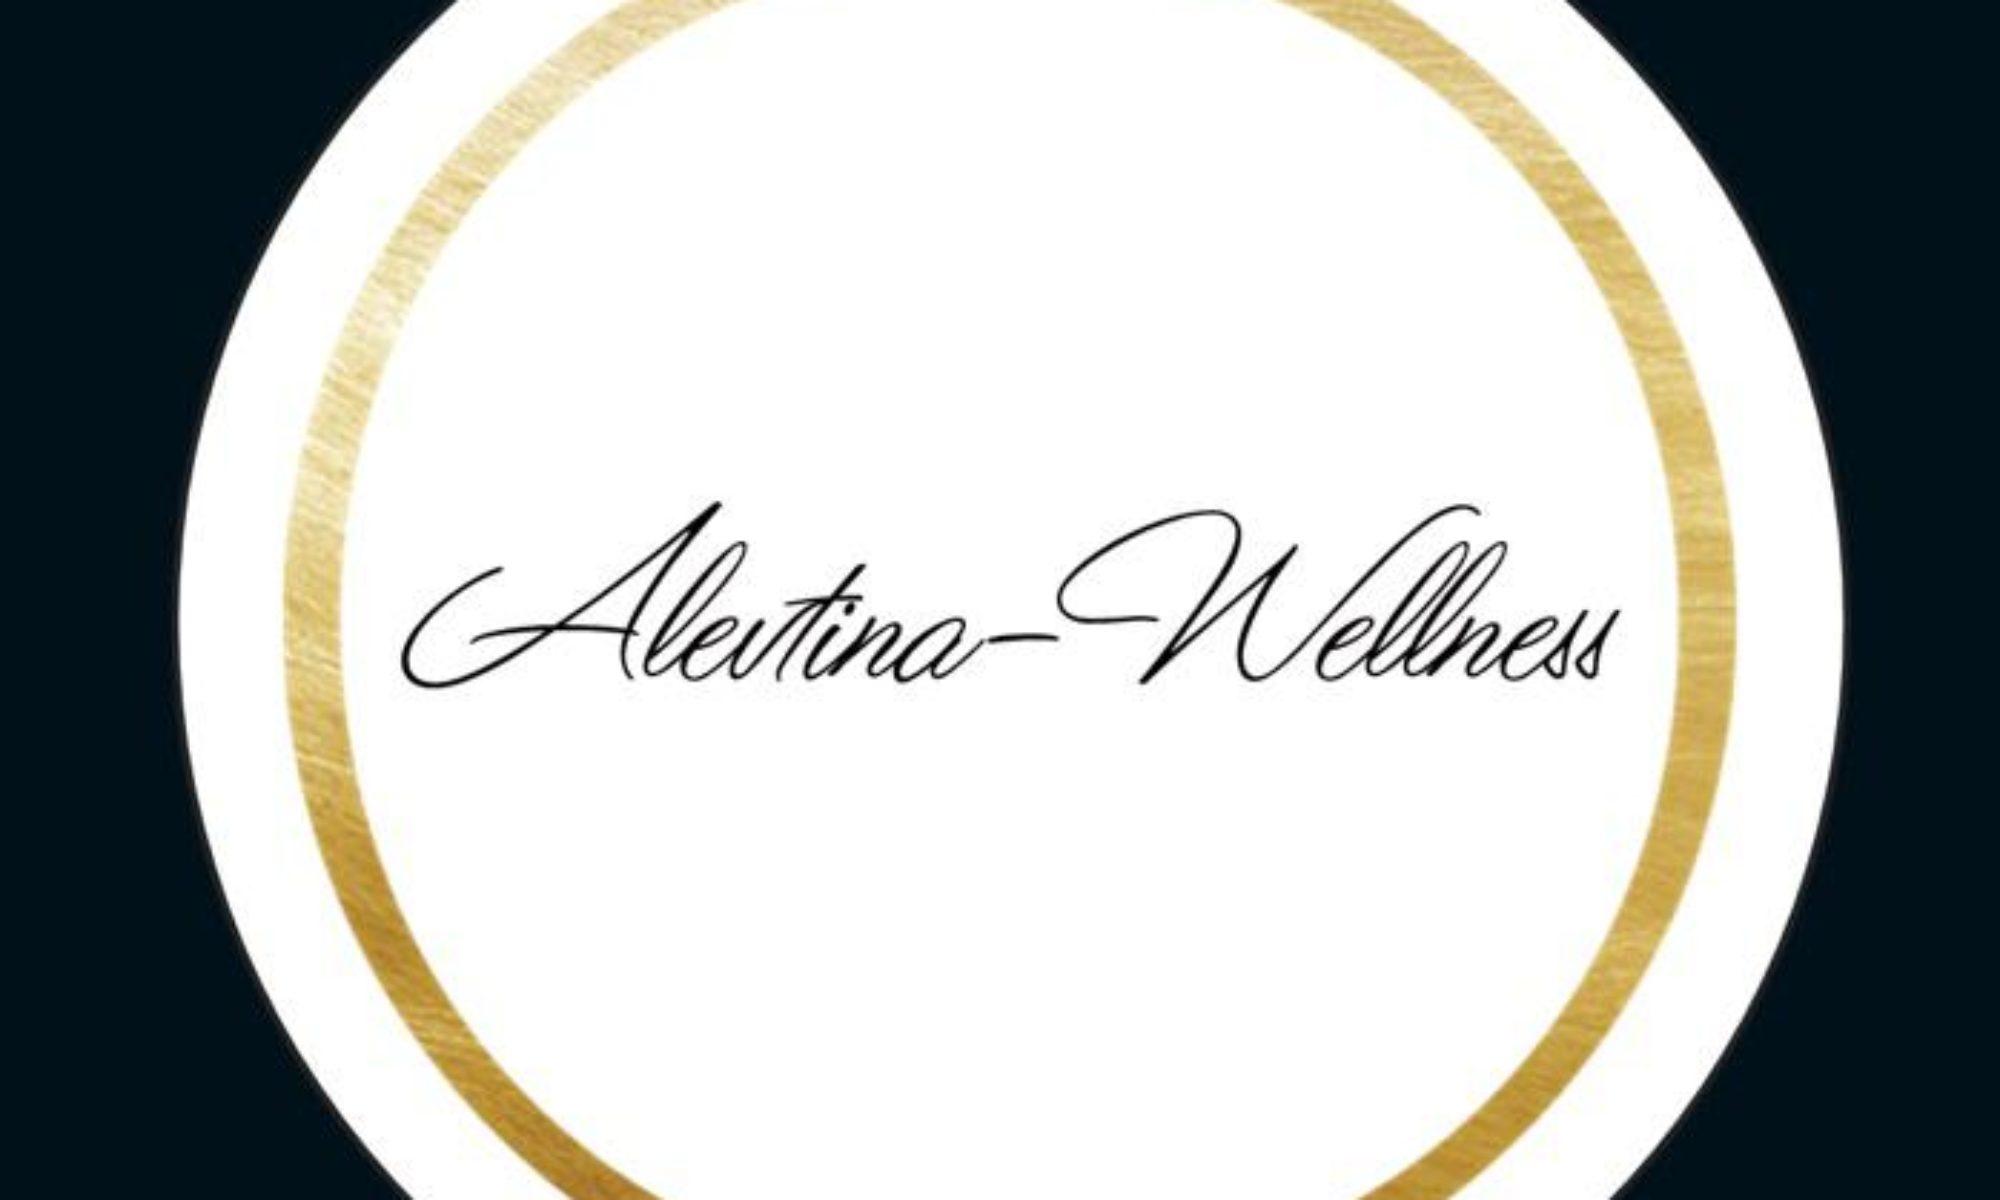 Alevtina-Wellness